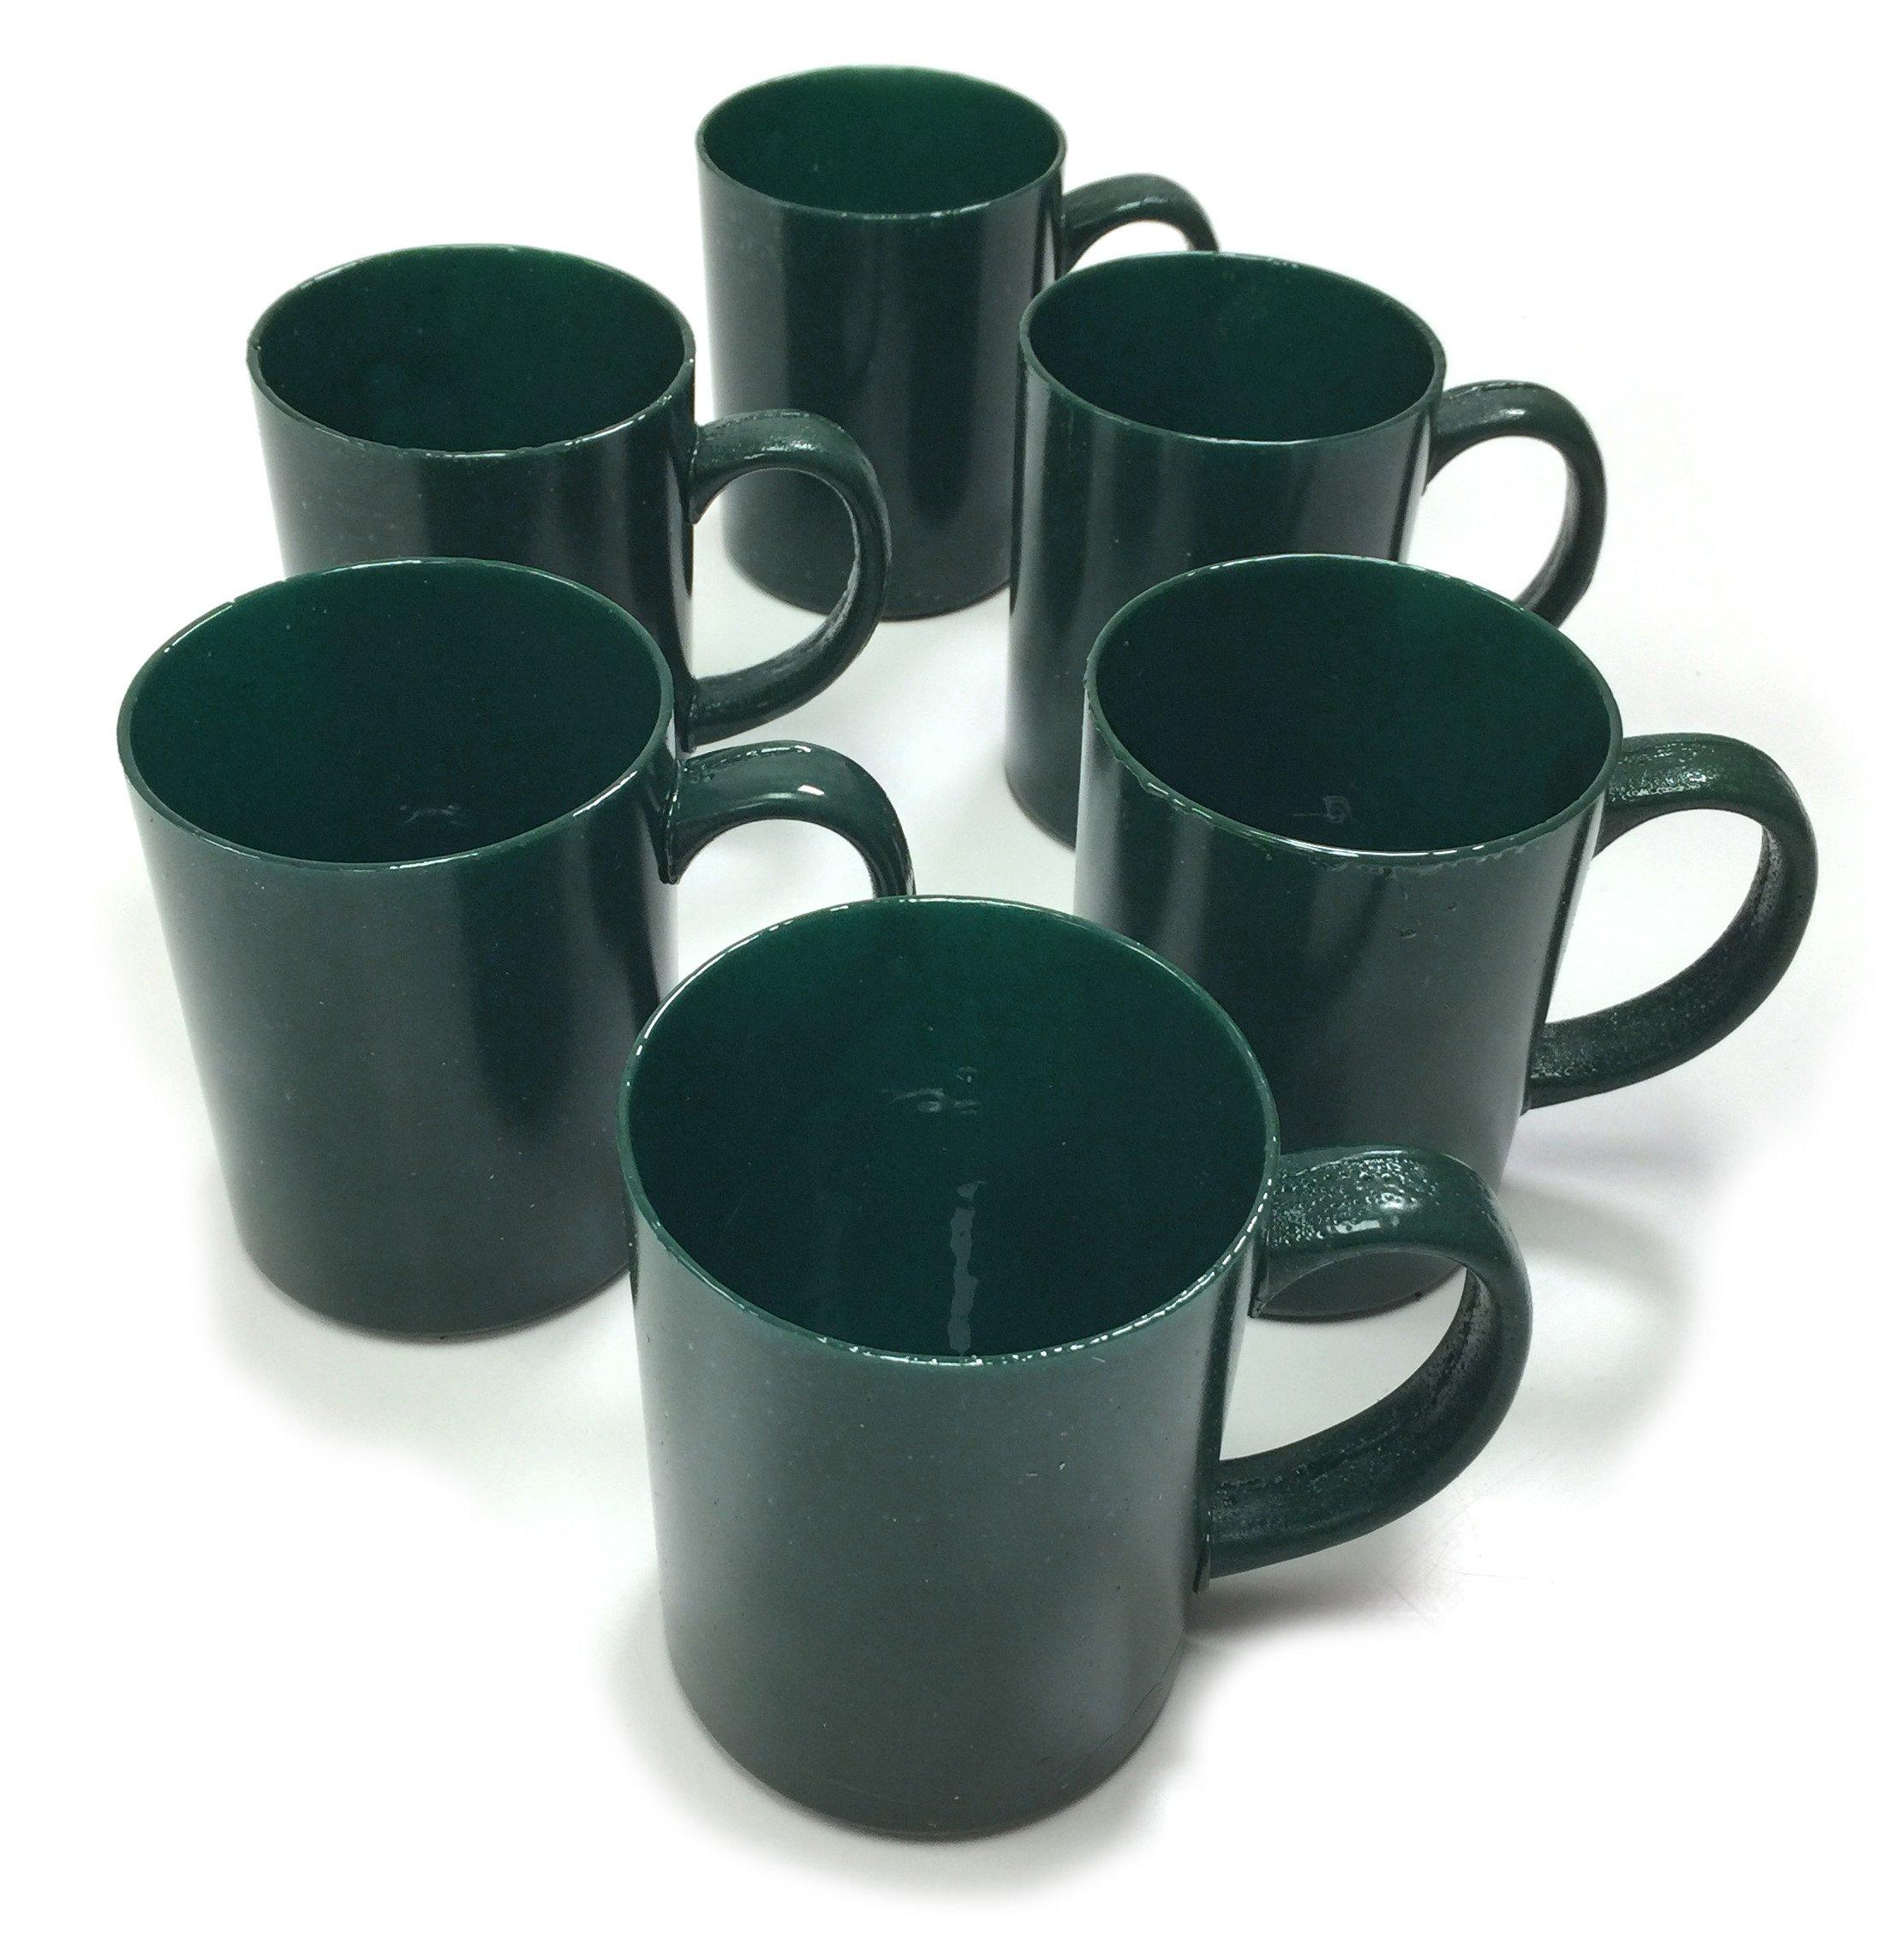 NewRuleFX SMASHProps 6 pc. Green Breakaway Mugs Set by NewRuleFX